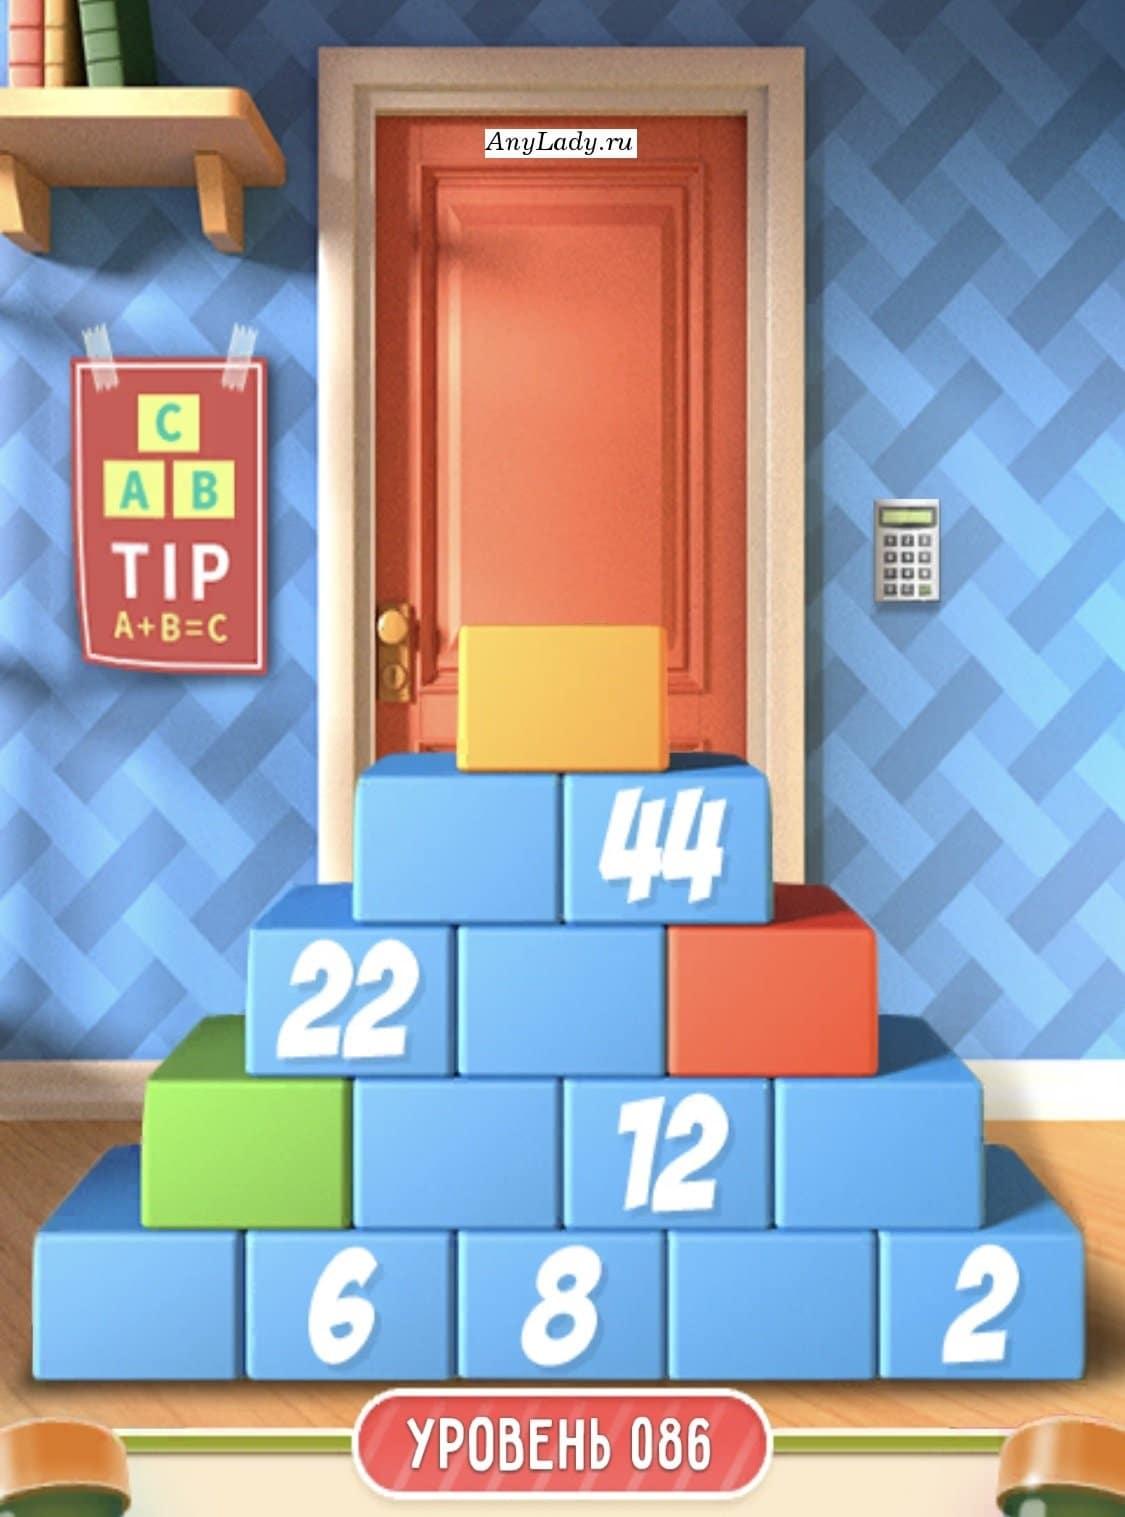 Вам предстоит разгадать секретный шифр, для электронного замка. Для этого необходимо вычислить какие номера, должны быть на желтом, красном и зеленом кирпиче пирамиды. С левой стороны двери есть плакат с подсказкой, а пирамида выложена от меньших чисел к большим